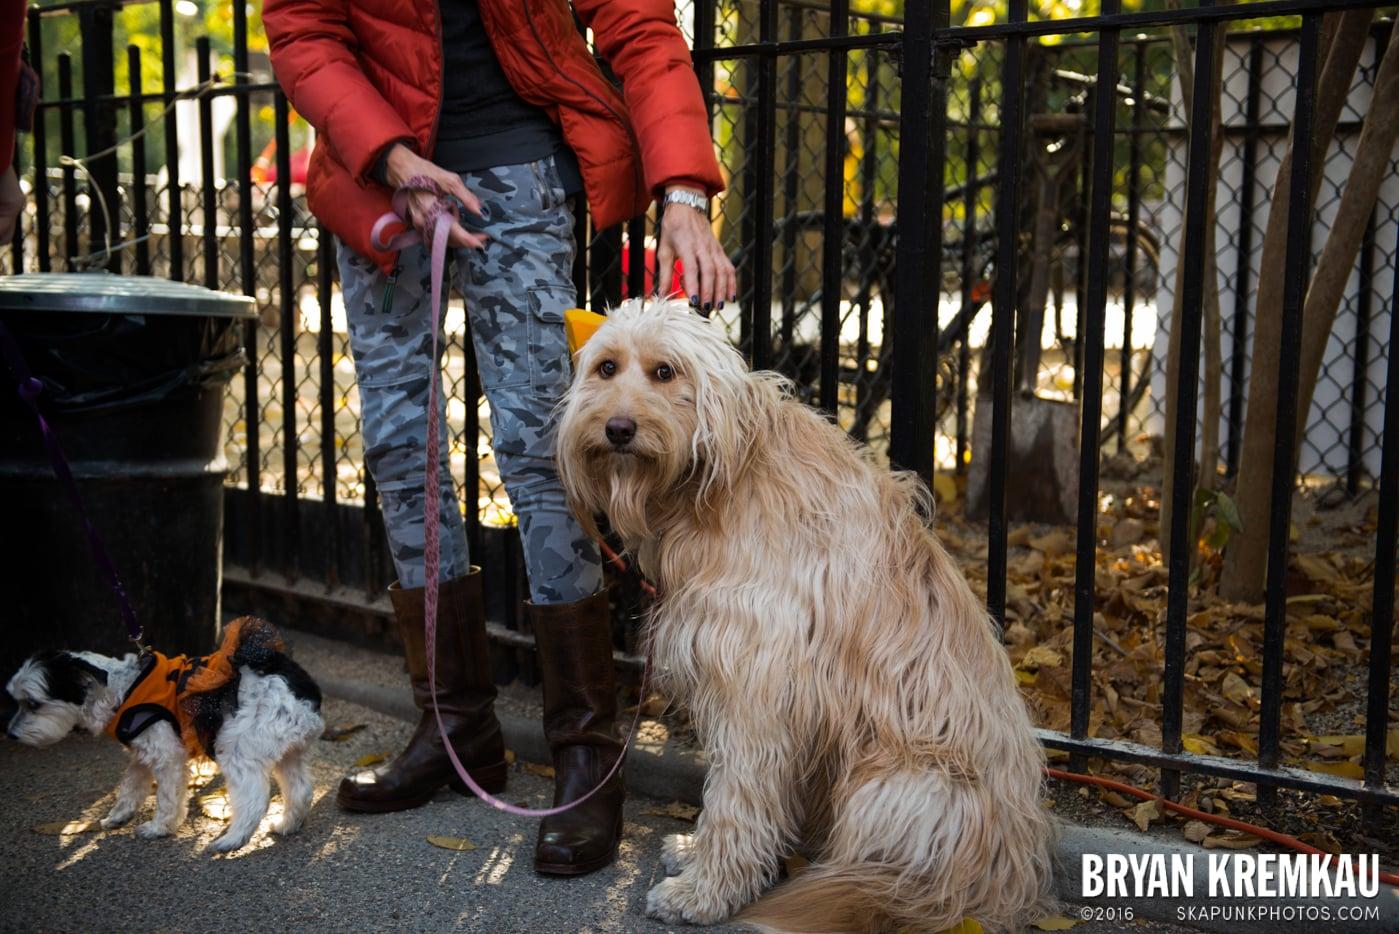 Tompkins Square Halloween Dog Parade 2013 @ Tompkins Square Park, NYC - 10.26.13 (62)